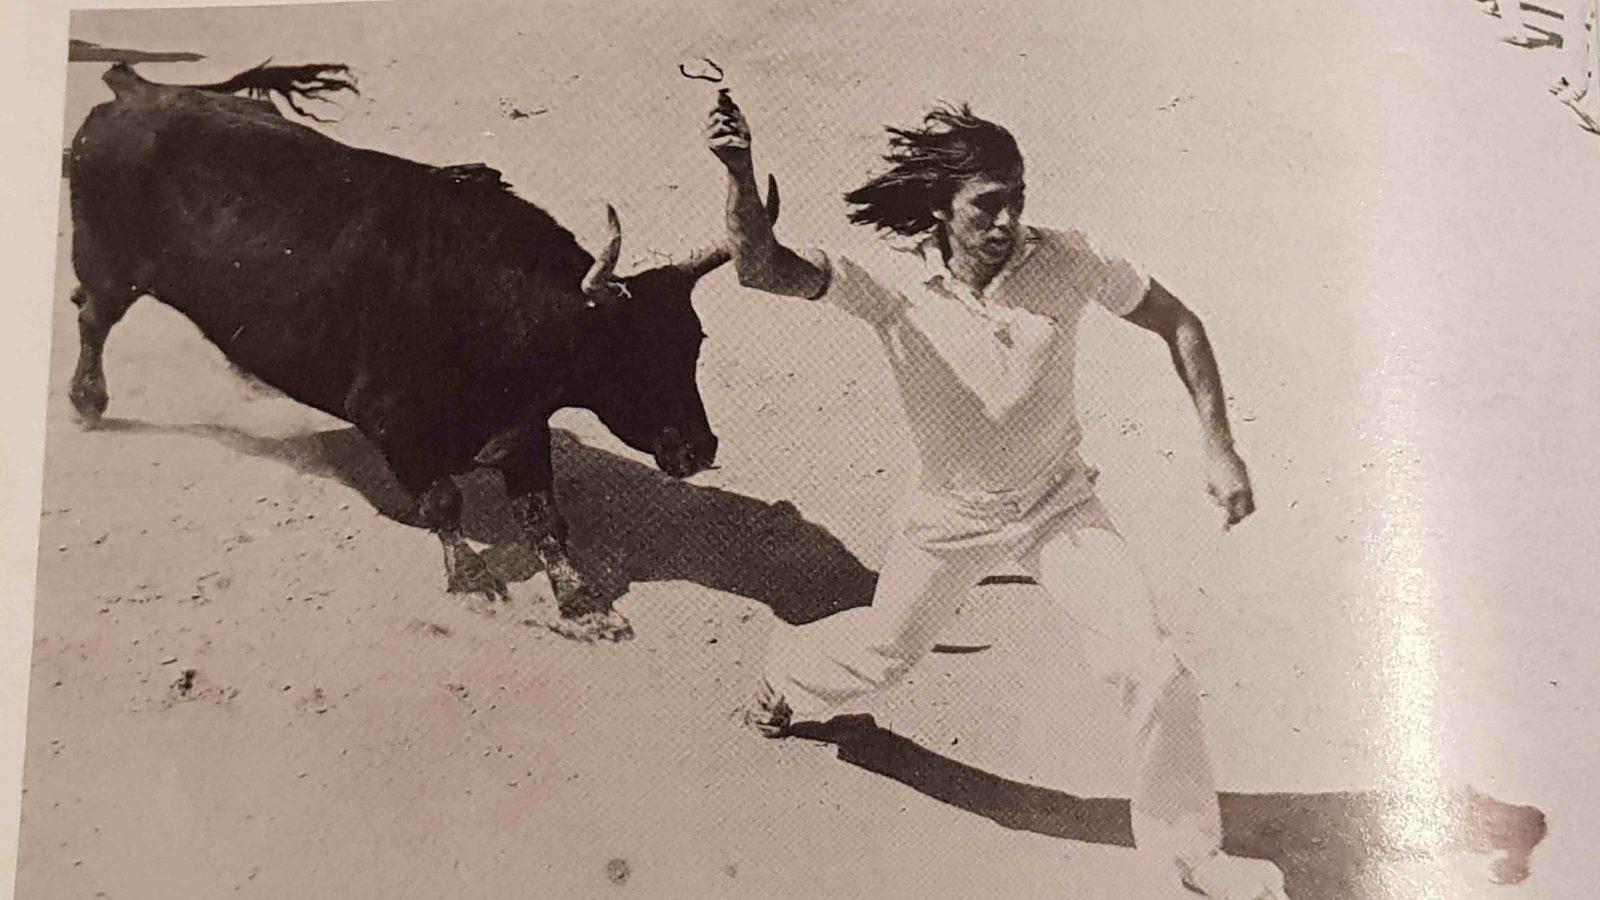 PALME D'OR 1982, Chomel l'emporte, Ourrias déçoit…